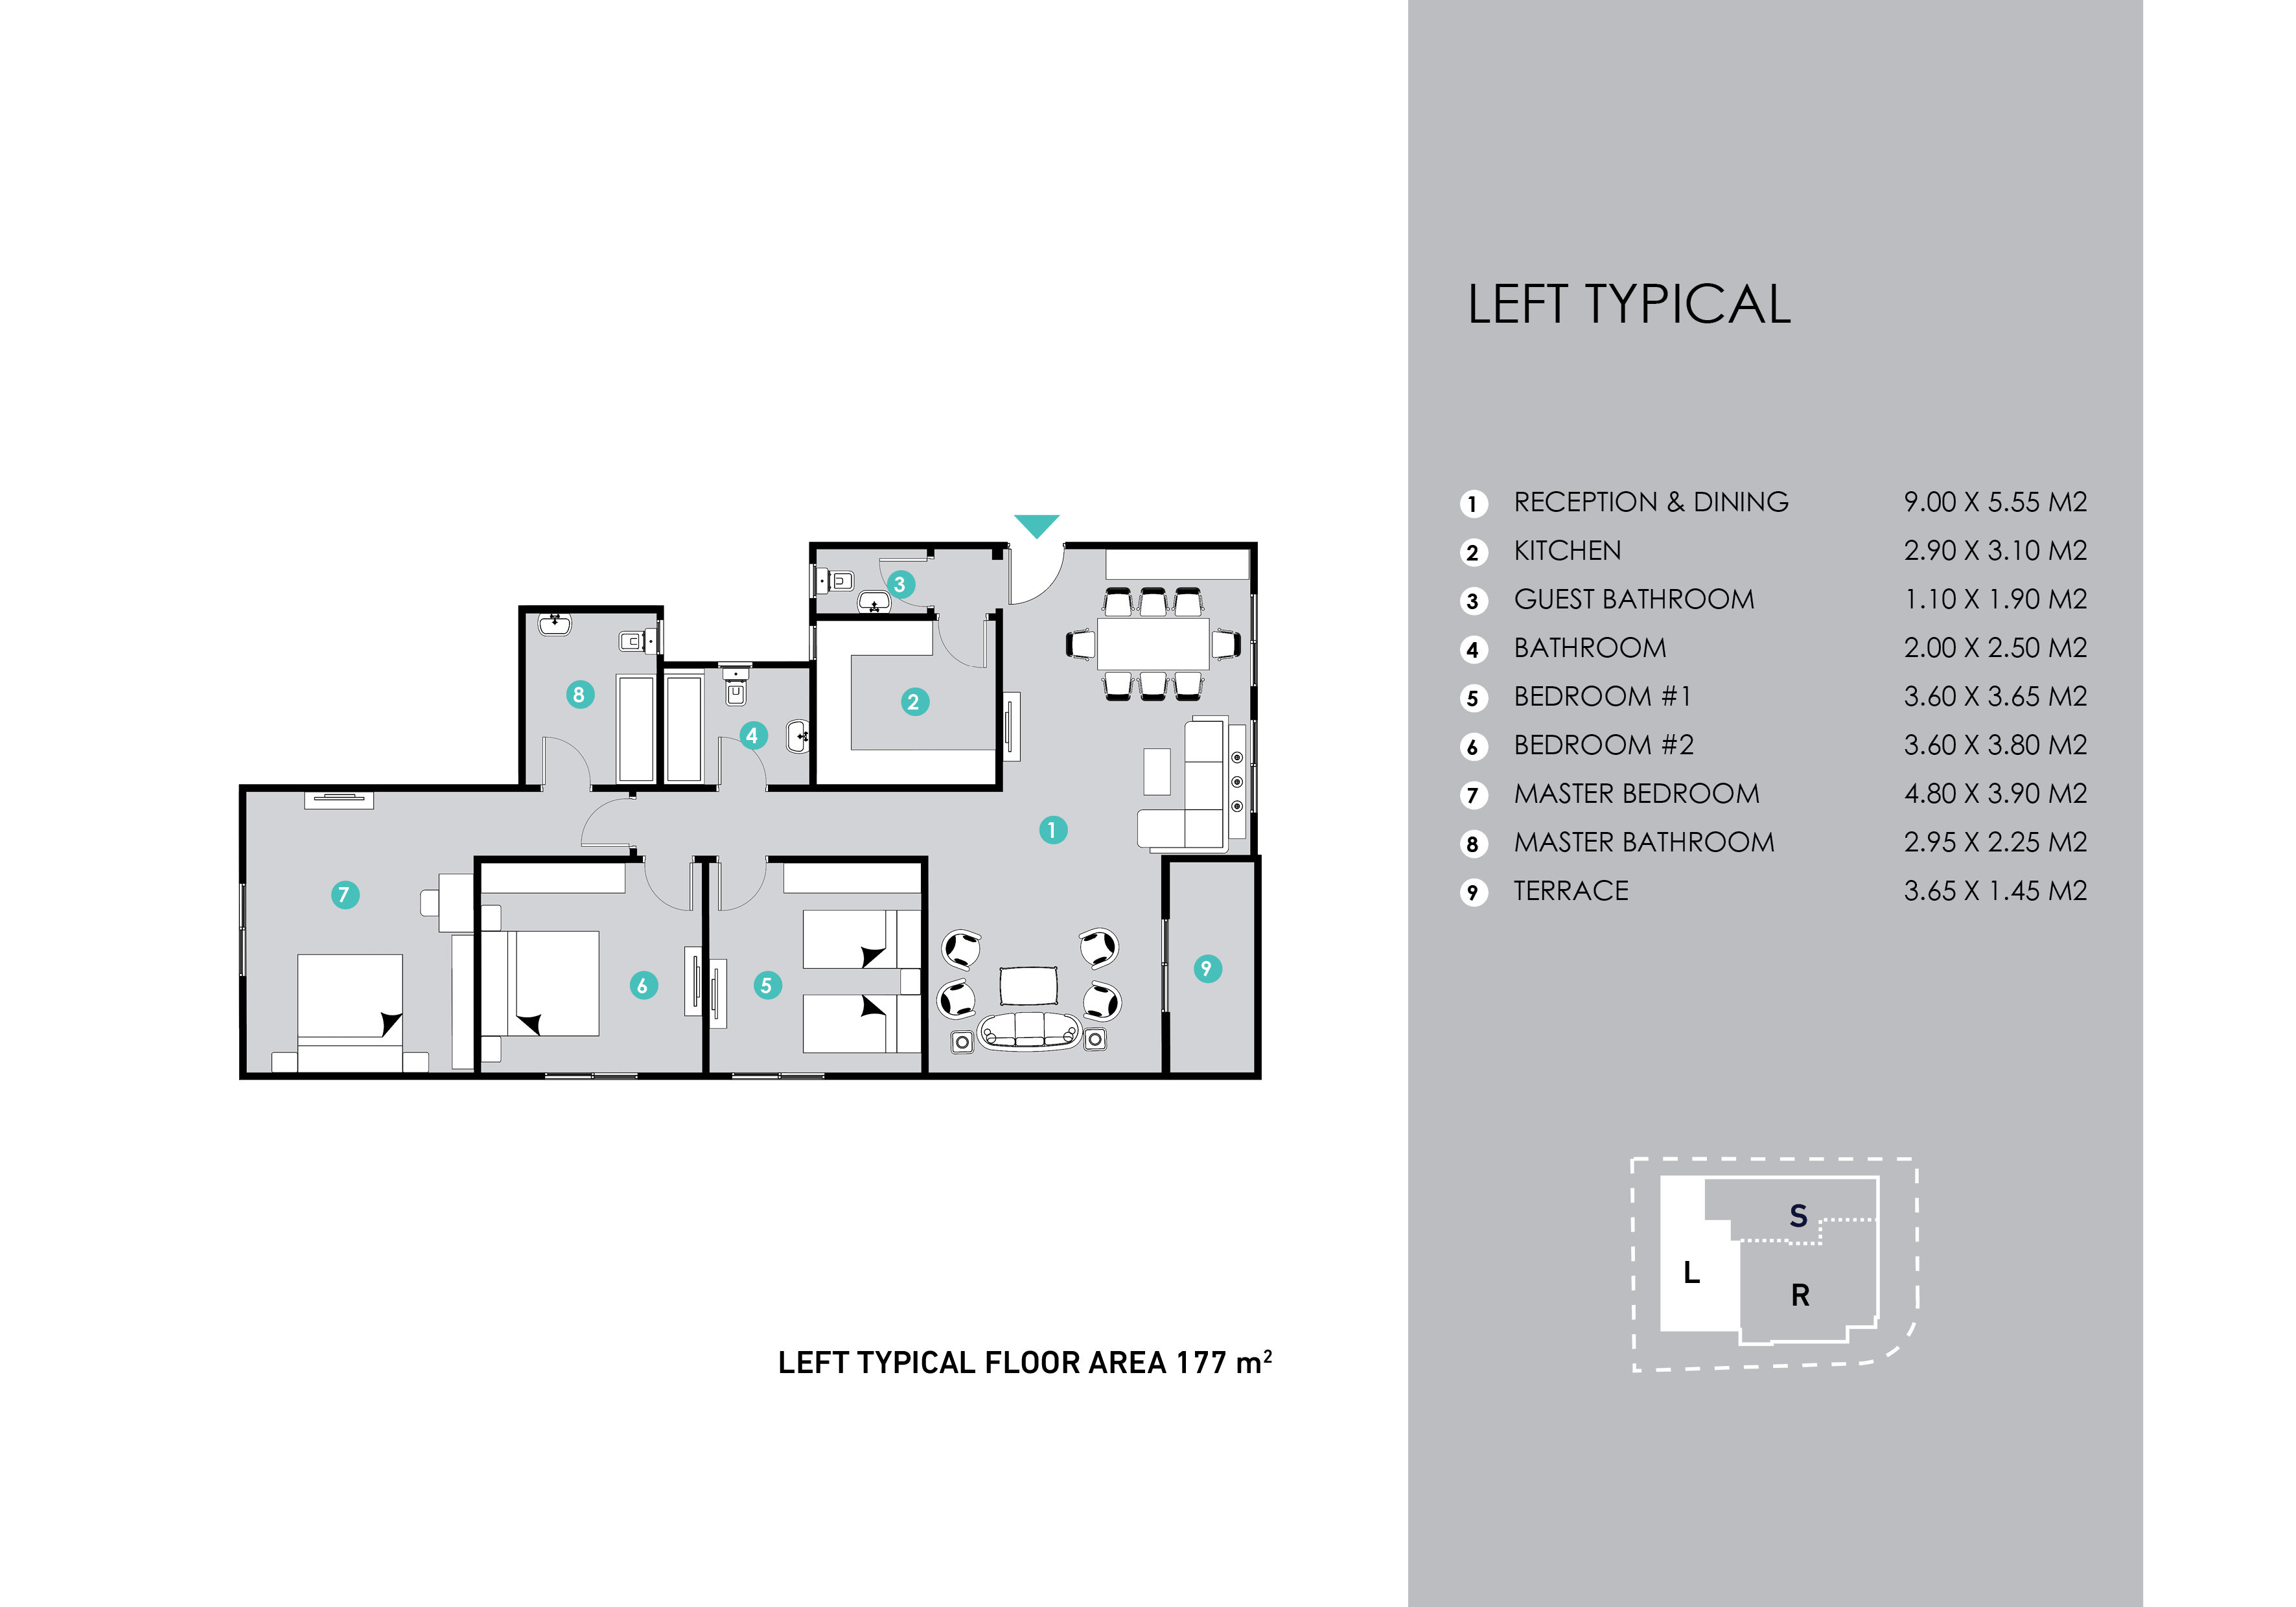 مشروع J 15 الحى الرابع - بيت الوطن